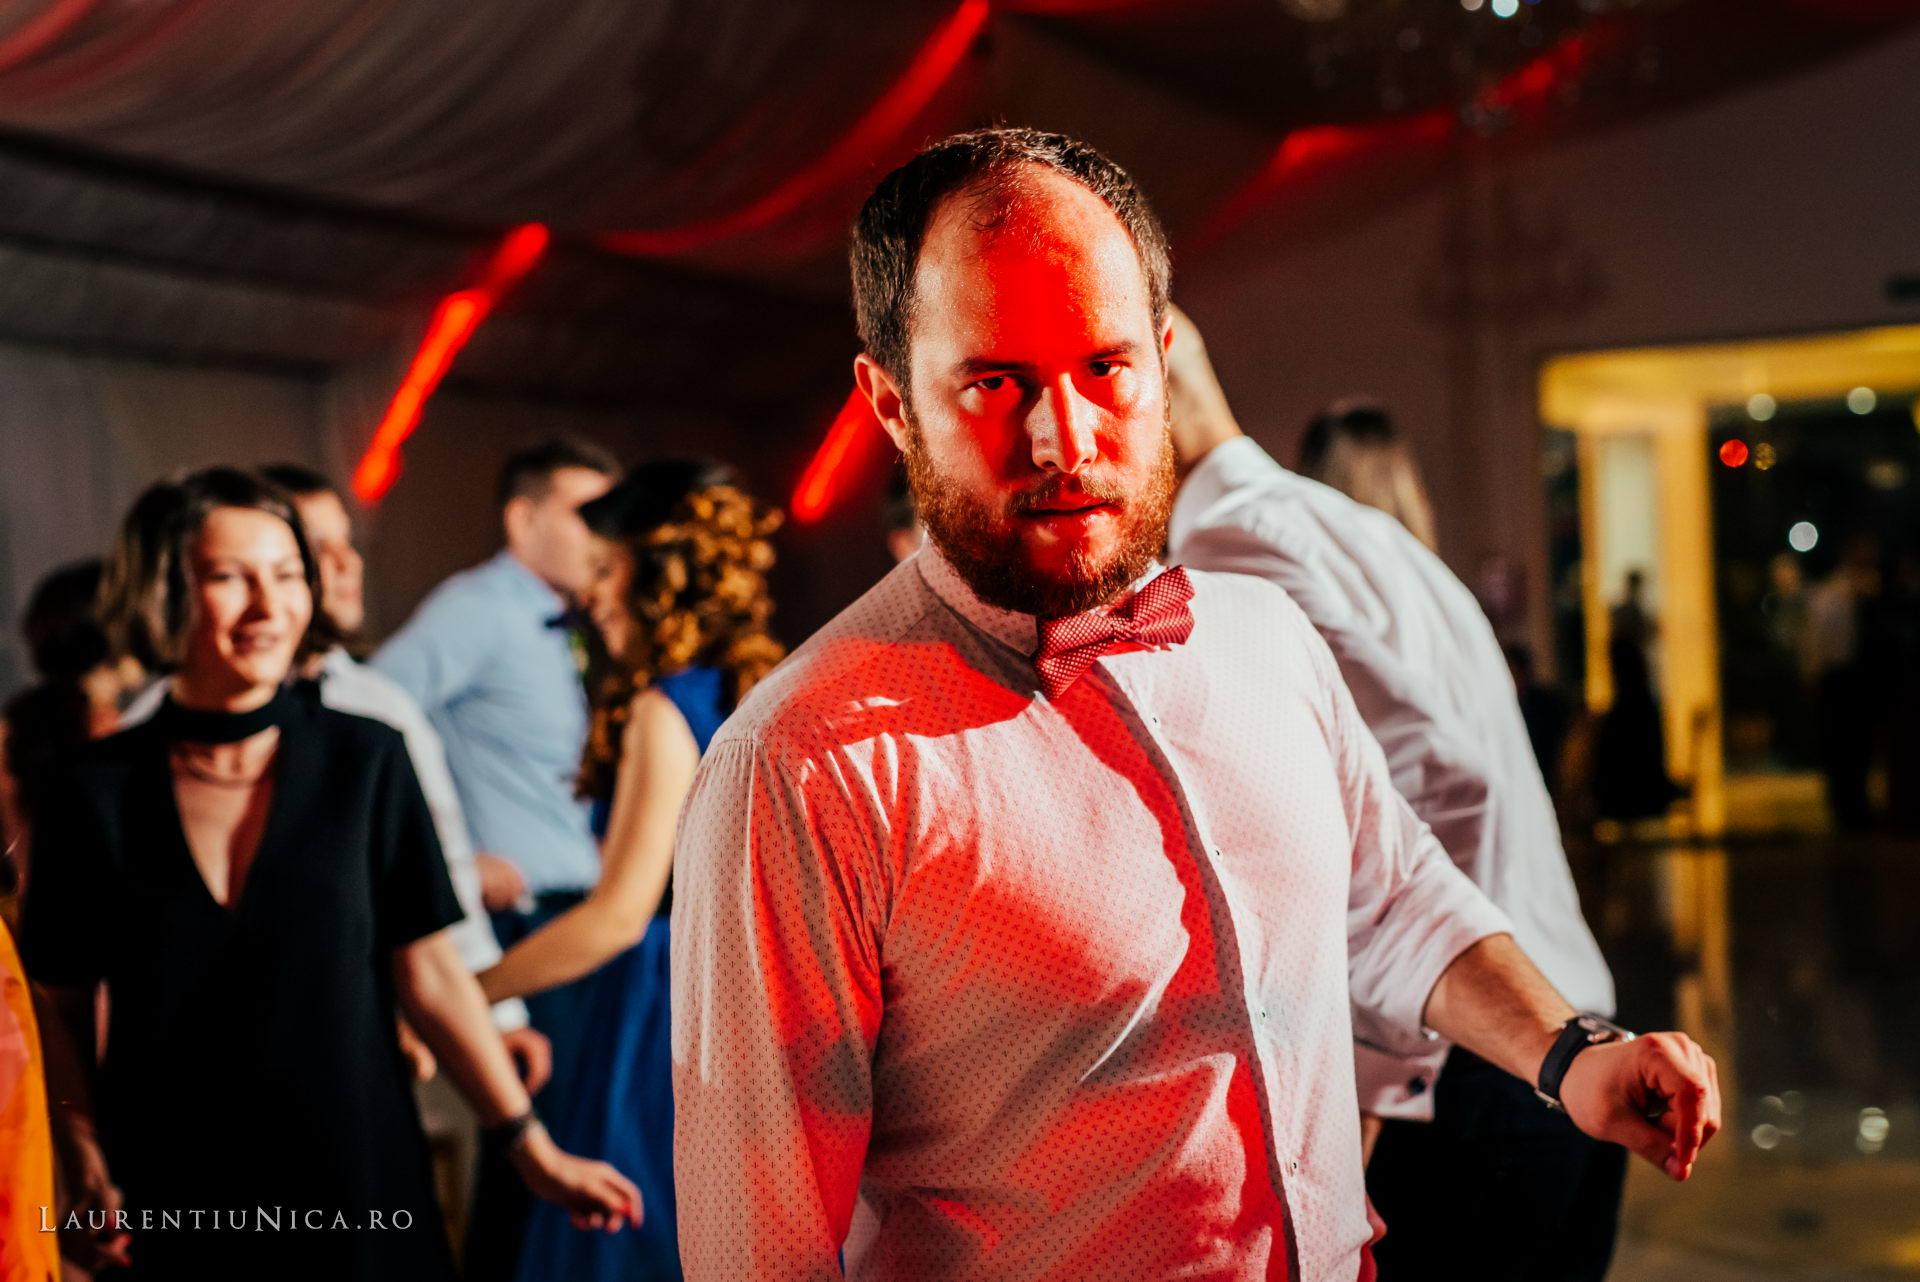 denisa si catalin fotograf nunta laurentiu nica craiova 79 - Denisa si Catalin | Fotografii nunta | Craiova